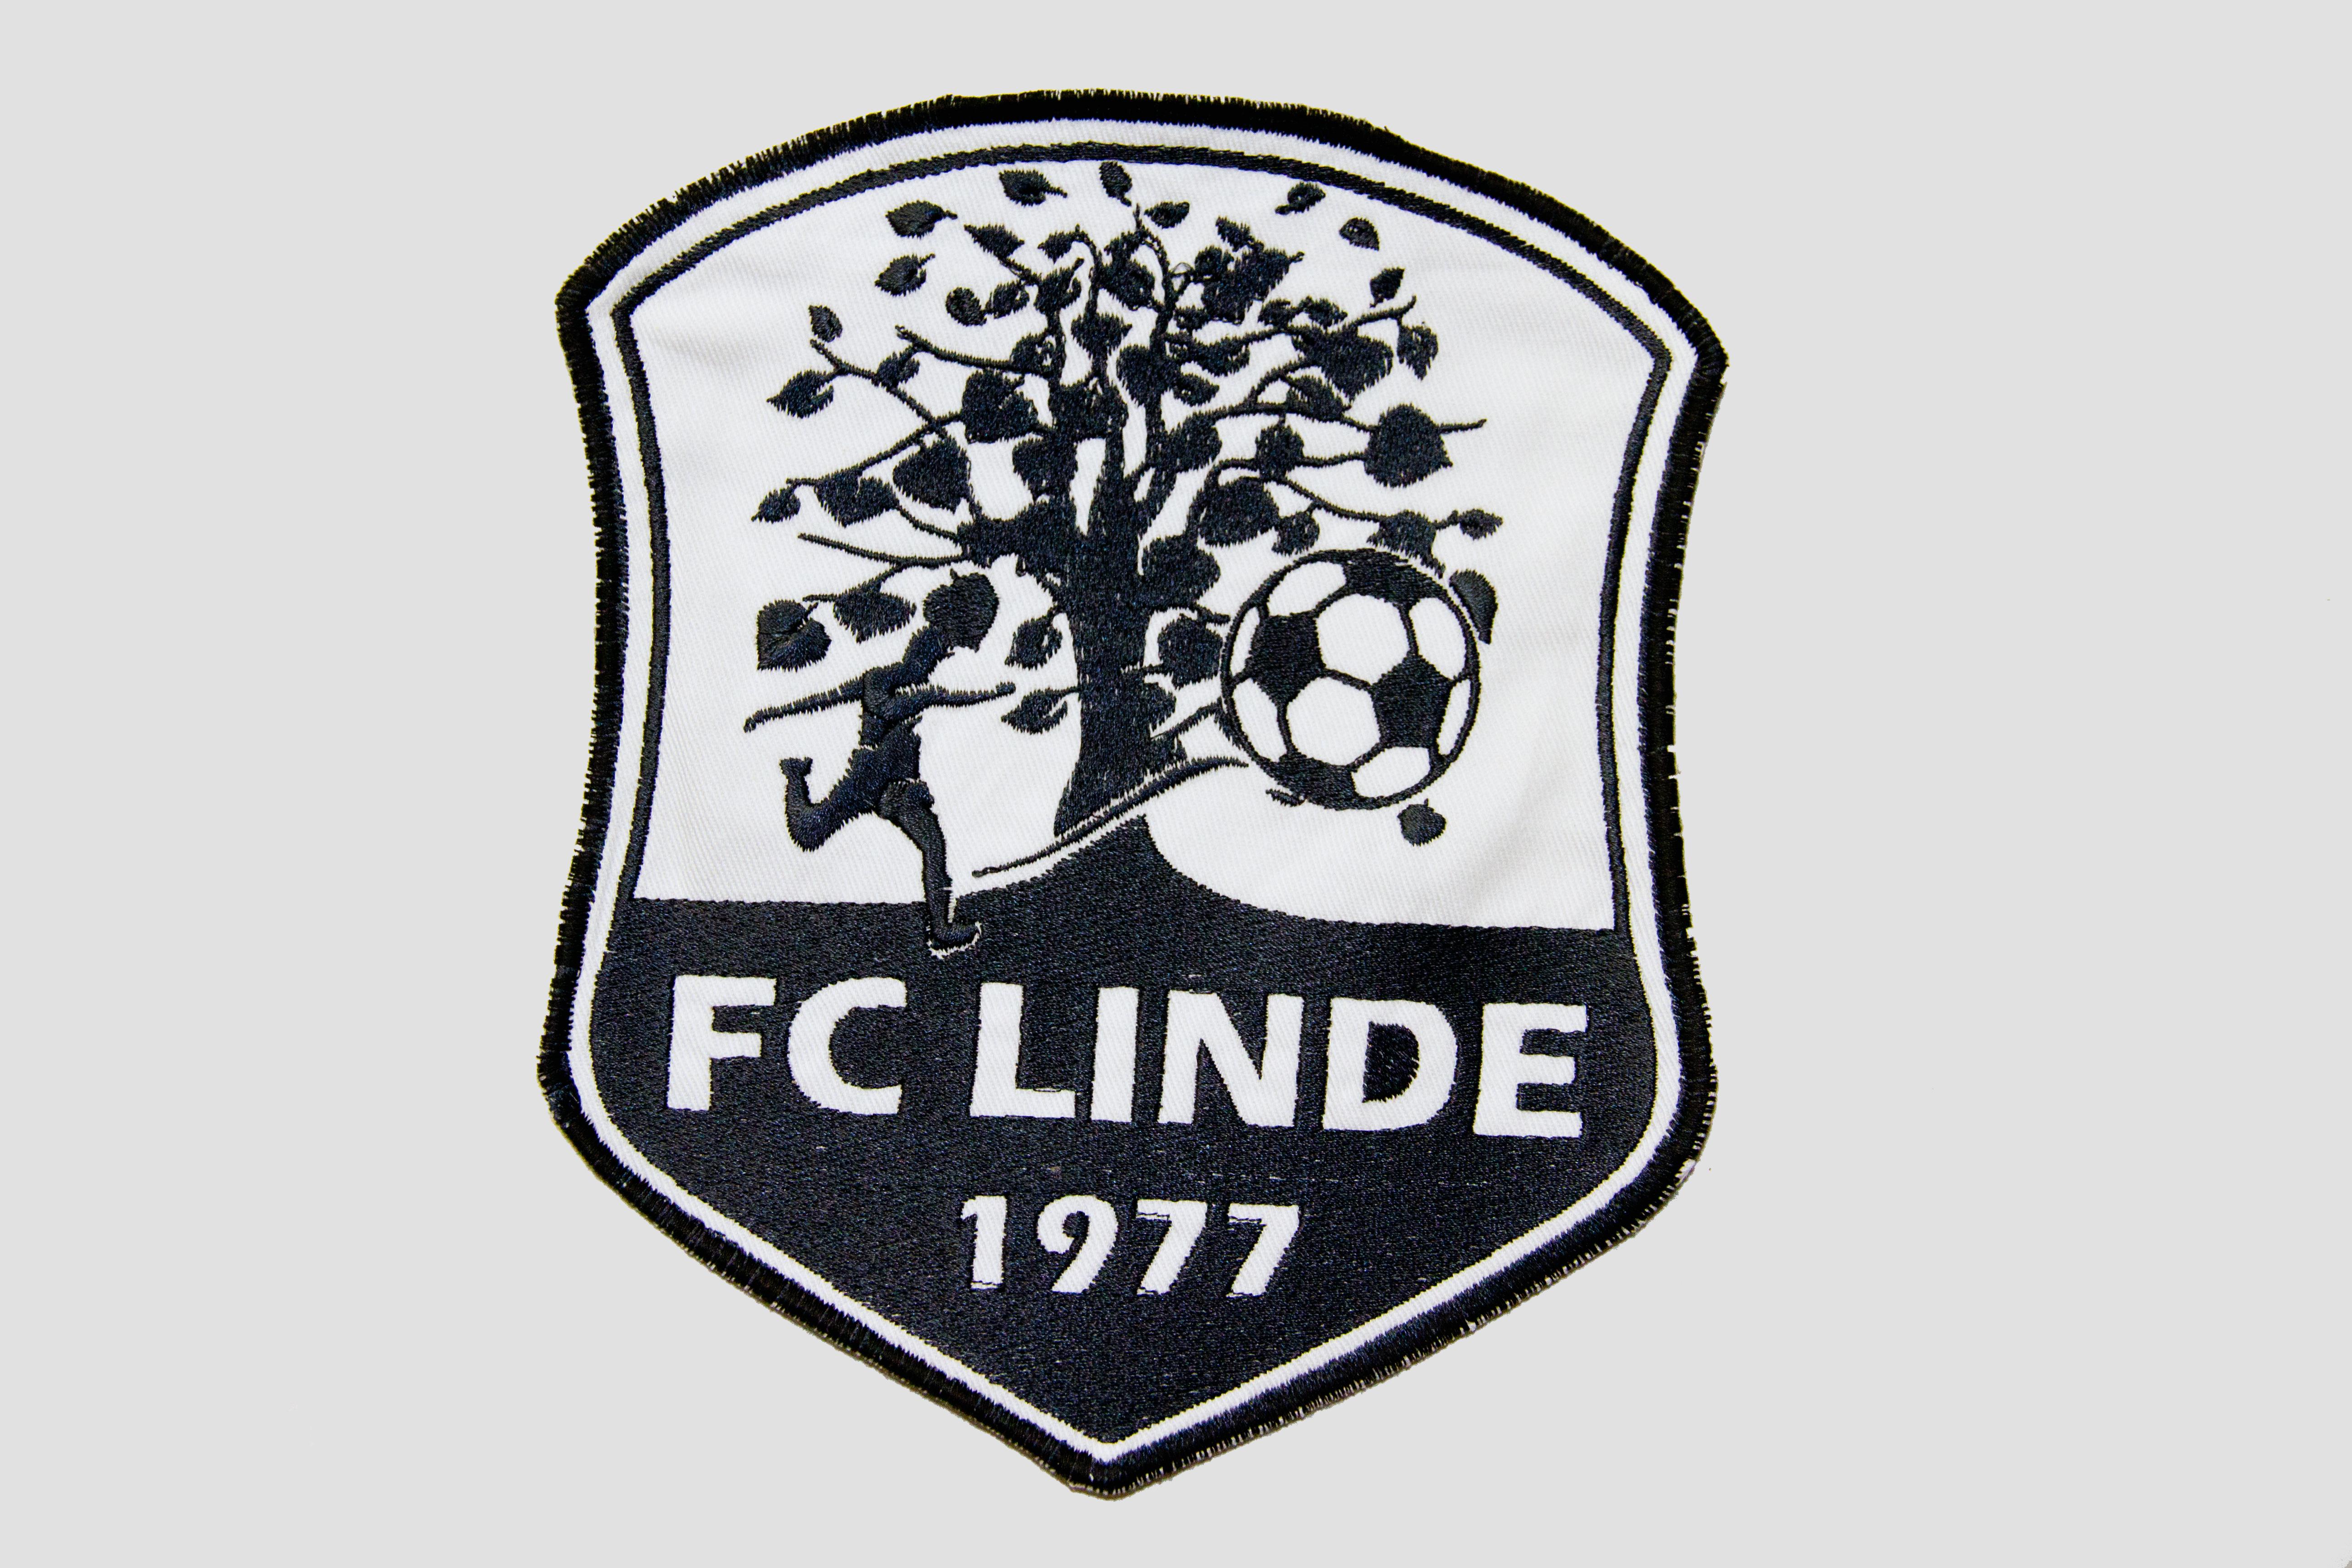 logo-fc-linde-1977